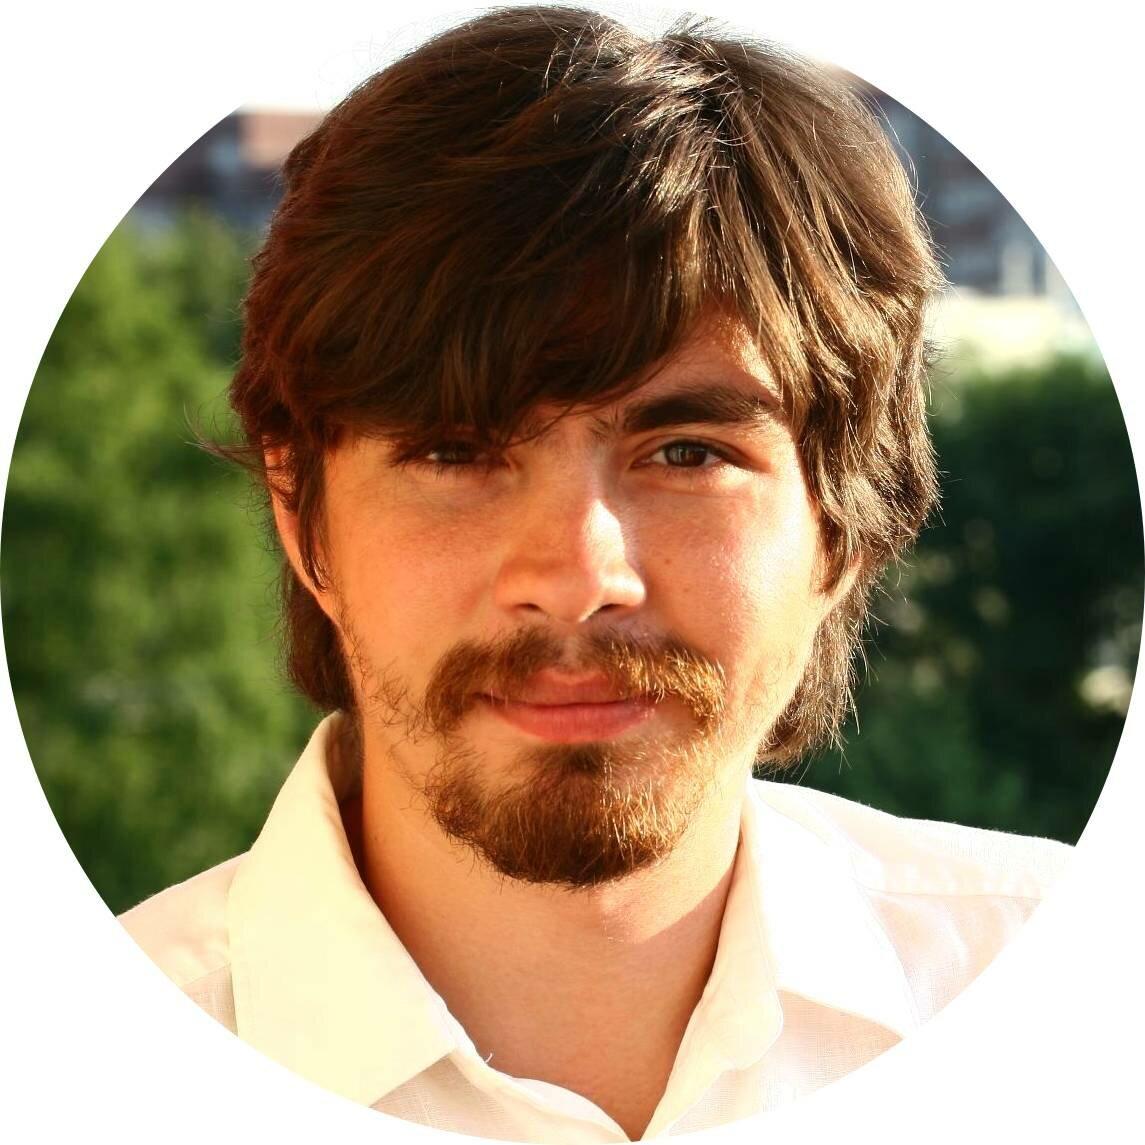 Руслан Фазлыев, основатель и генеральный директор конструктора интернет-магазинов Эквид